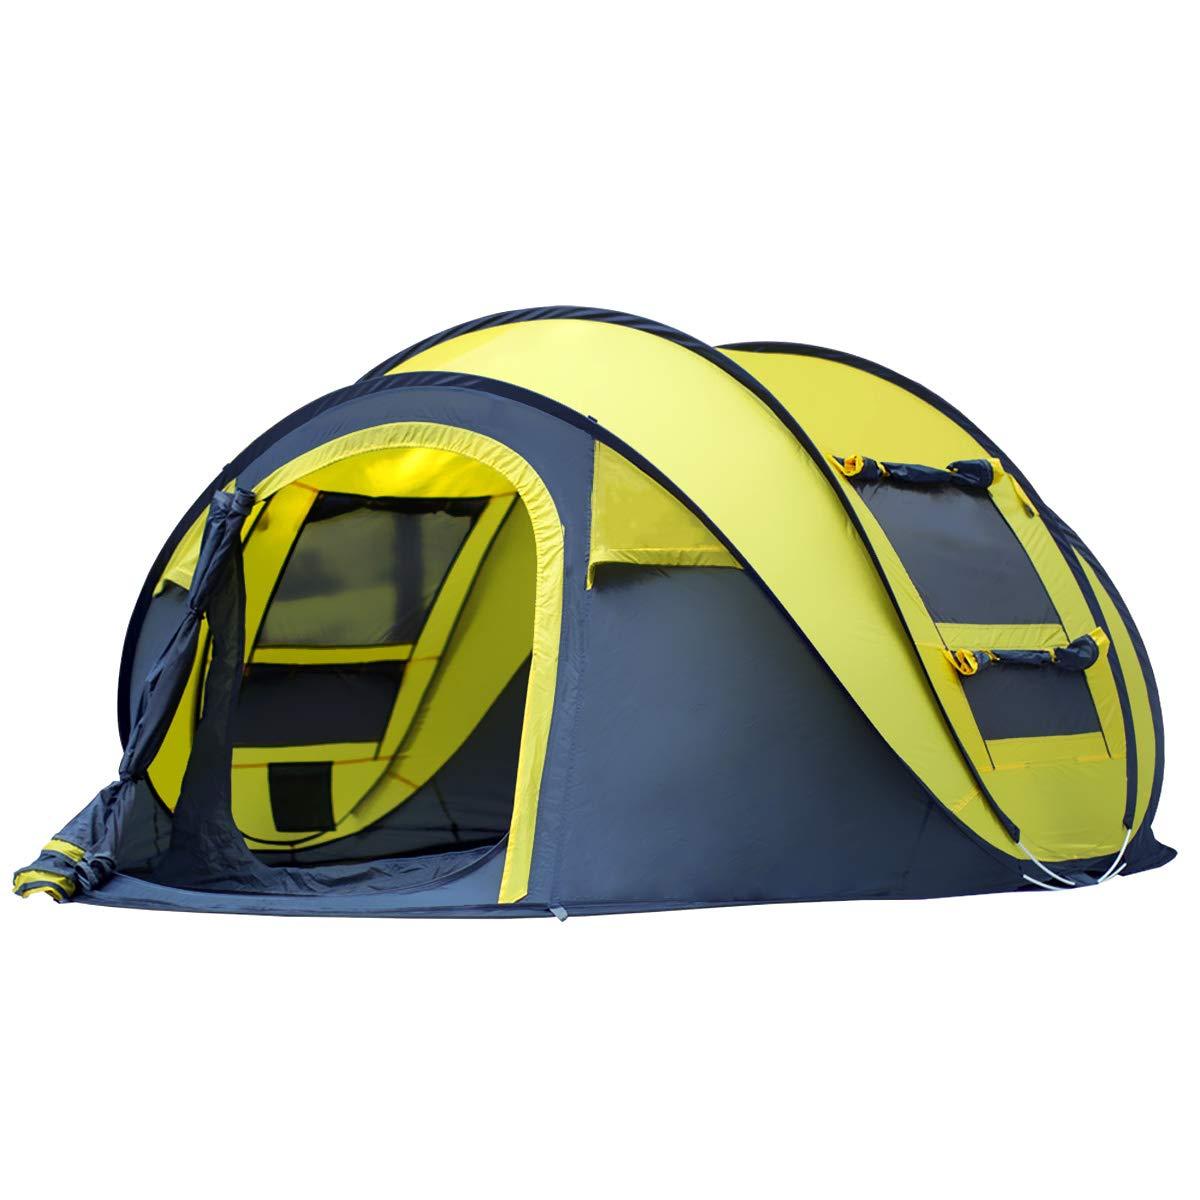 Qisan Urlaub 20% automatisches im Freien kampierendes Wurfzelte Pop-upzelt für Wasserdichte schnell-öffnende Zelte 4 Personen-Überdachung mit dem tragenden Beutel einfach, Gelb zu gründen